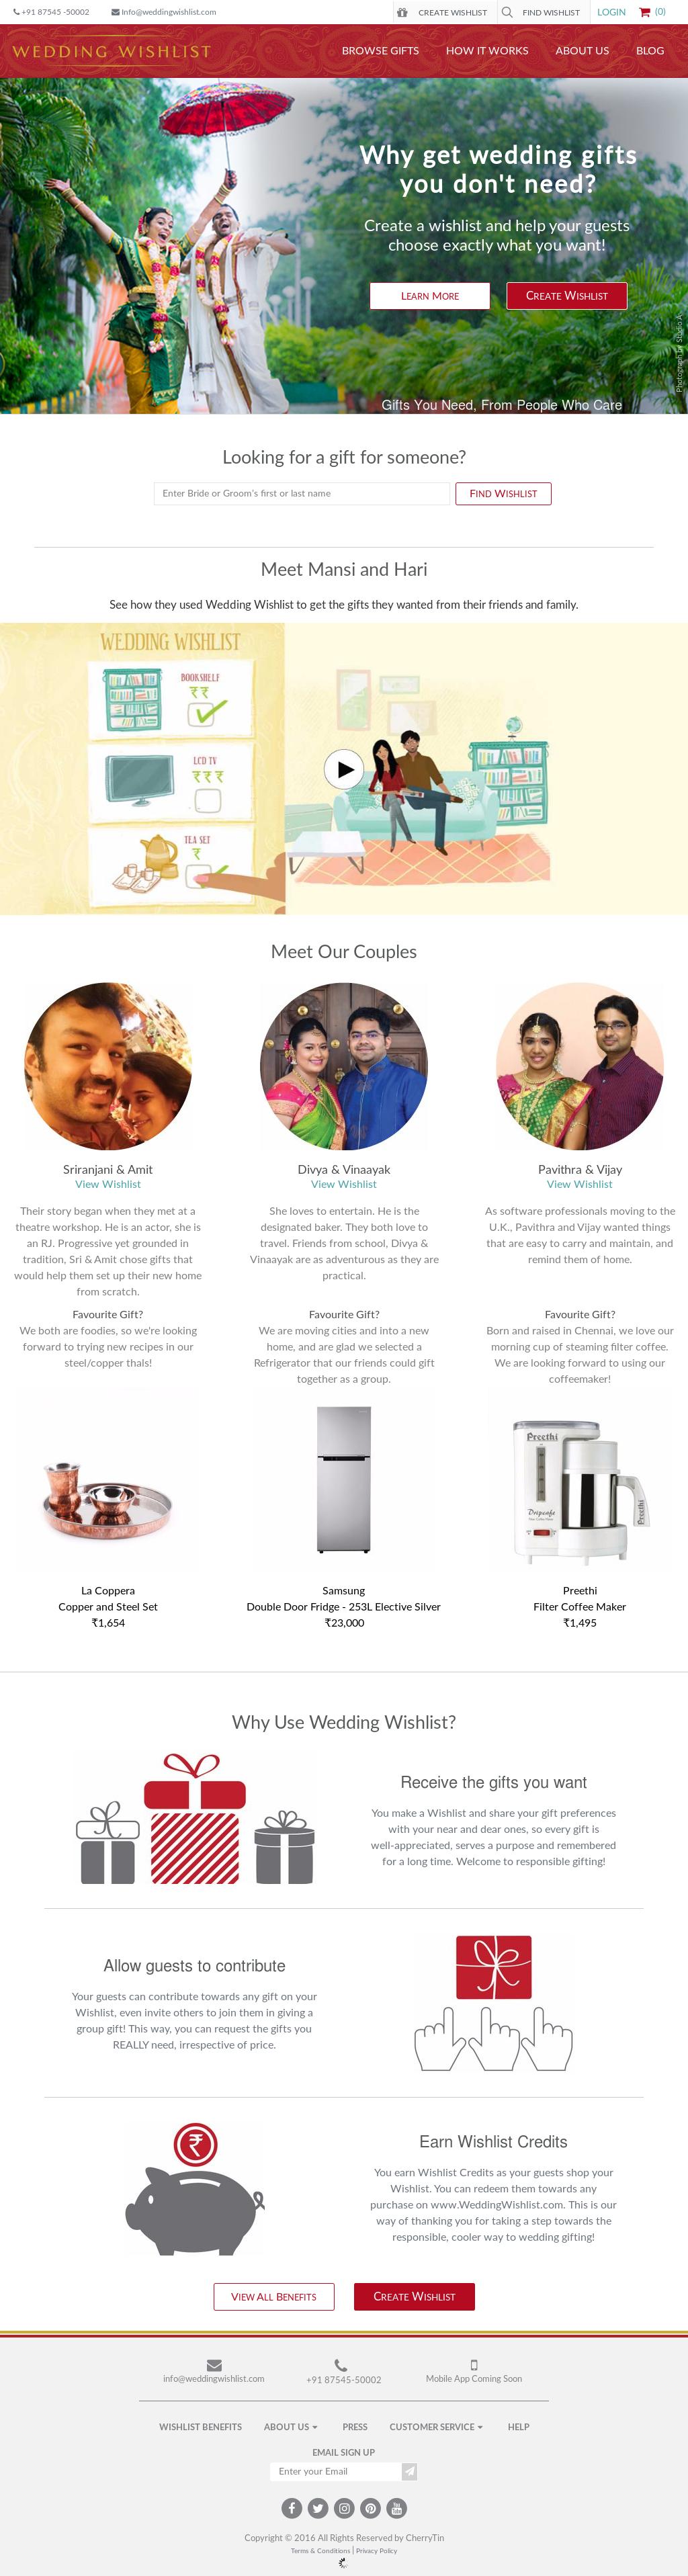 Wedding wishlist company profile revenue employees funding wedding wishlist website history malvernweather Choice Image